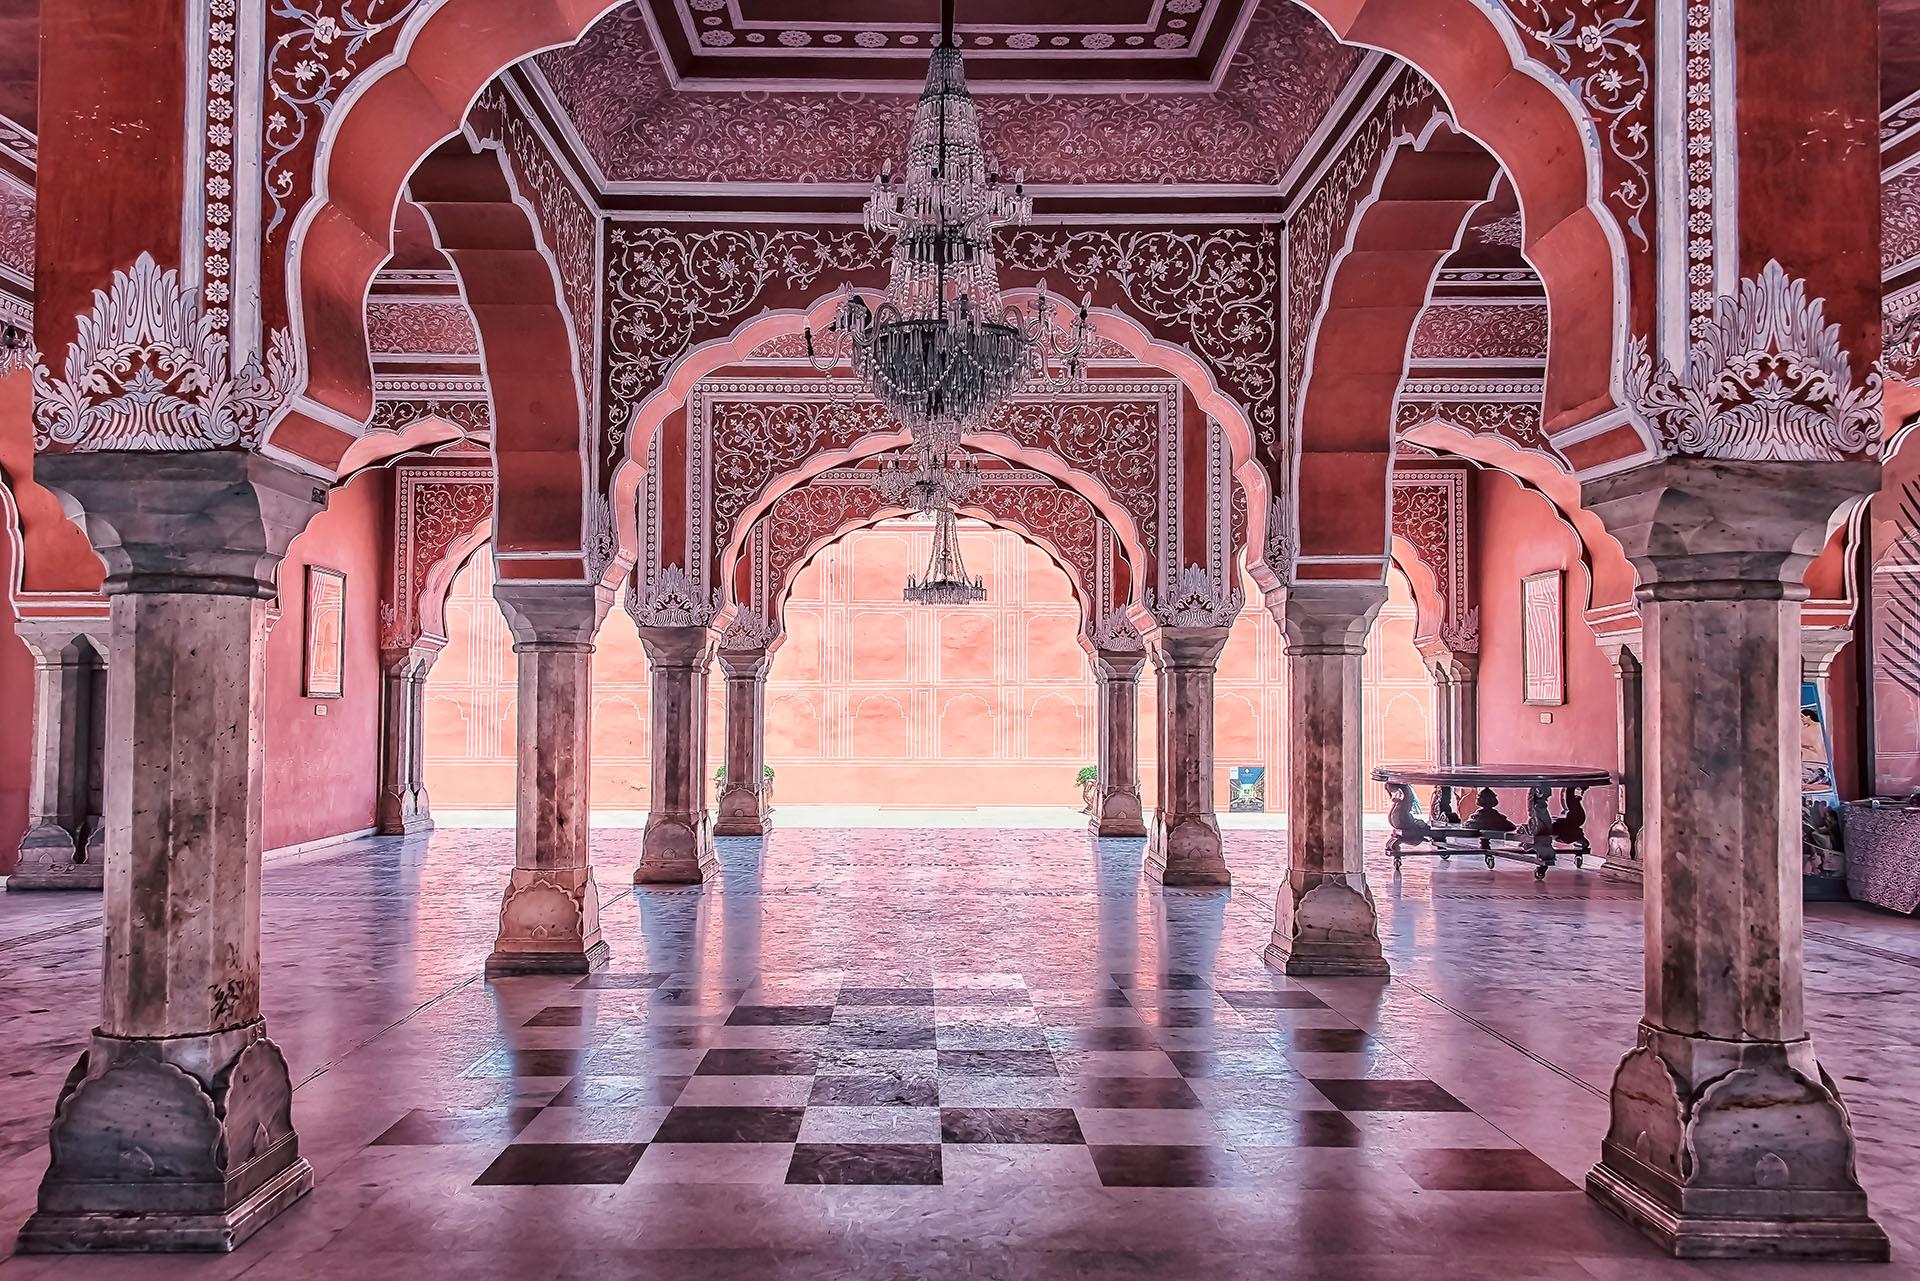 El palacio de Jaipur se sitúa en el centro de la ciudad, y se dice que el esquema de la construcción es similar al esquema o plano de la misma ciudad